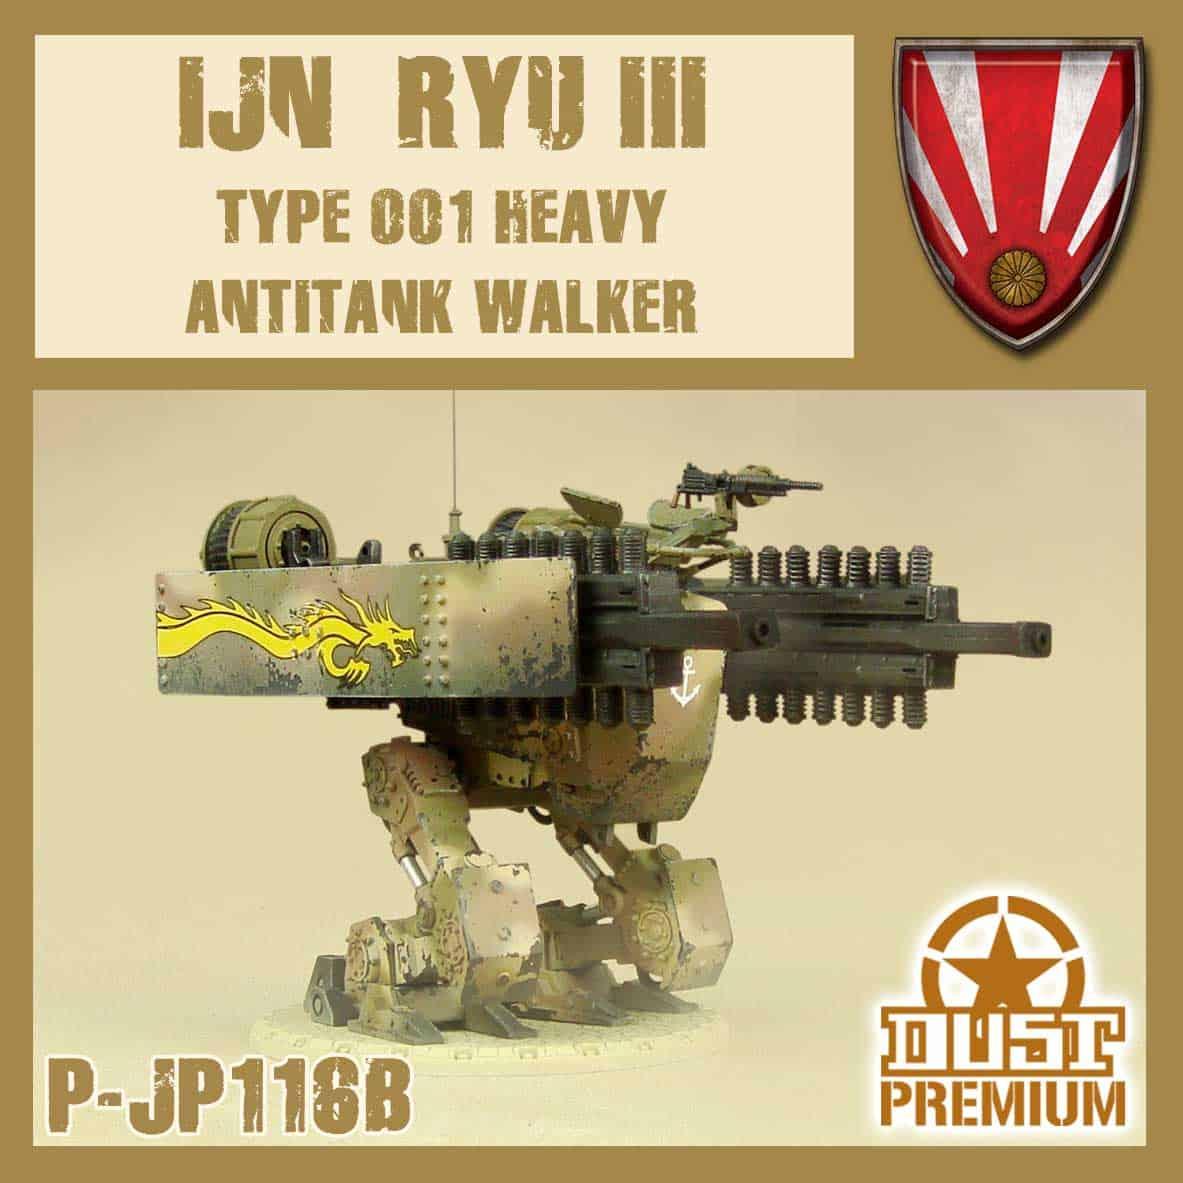 Ryu III Premium